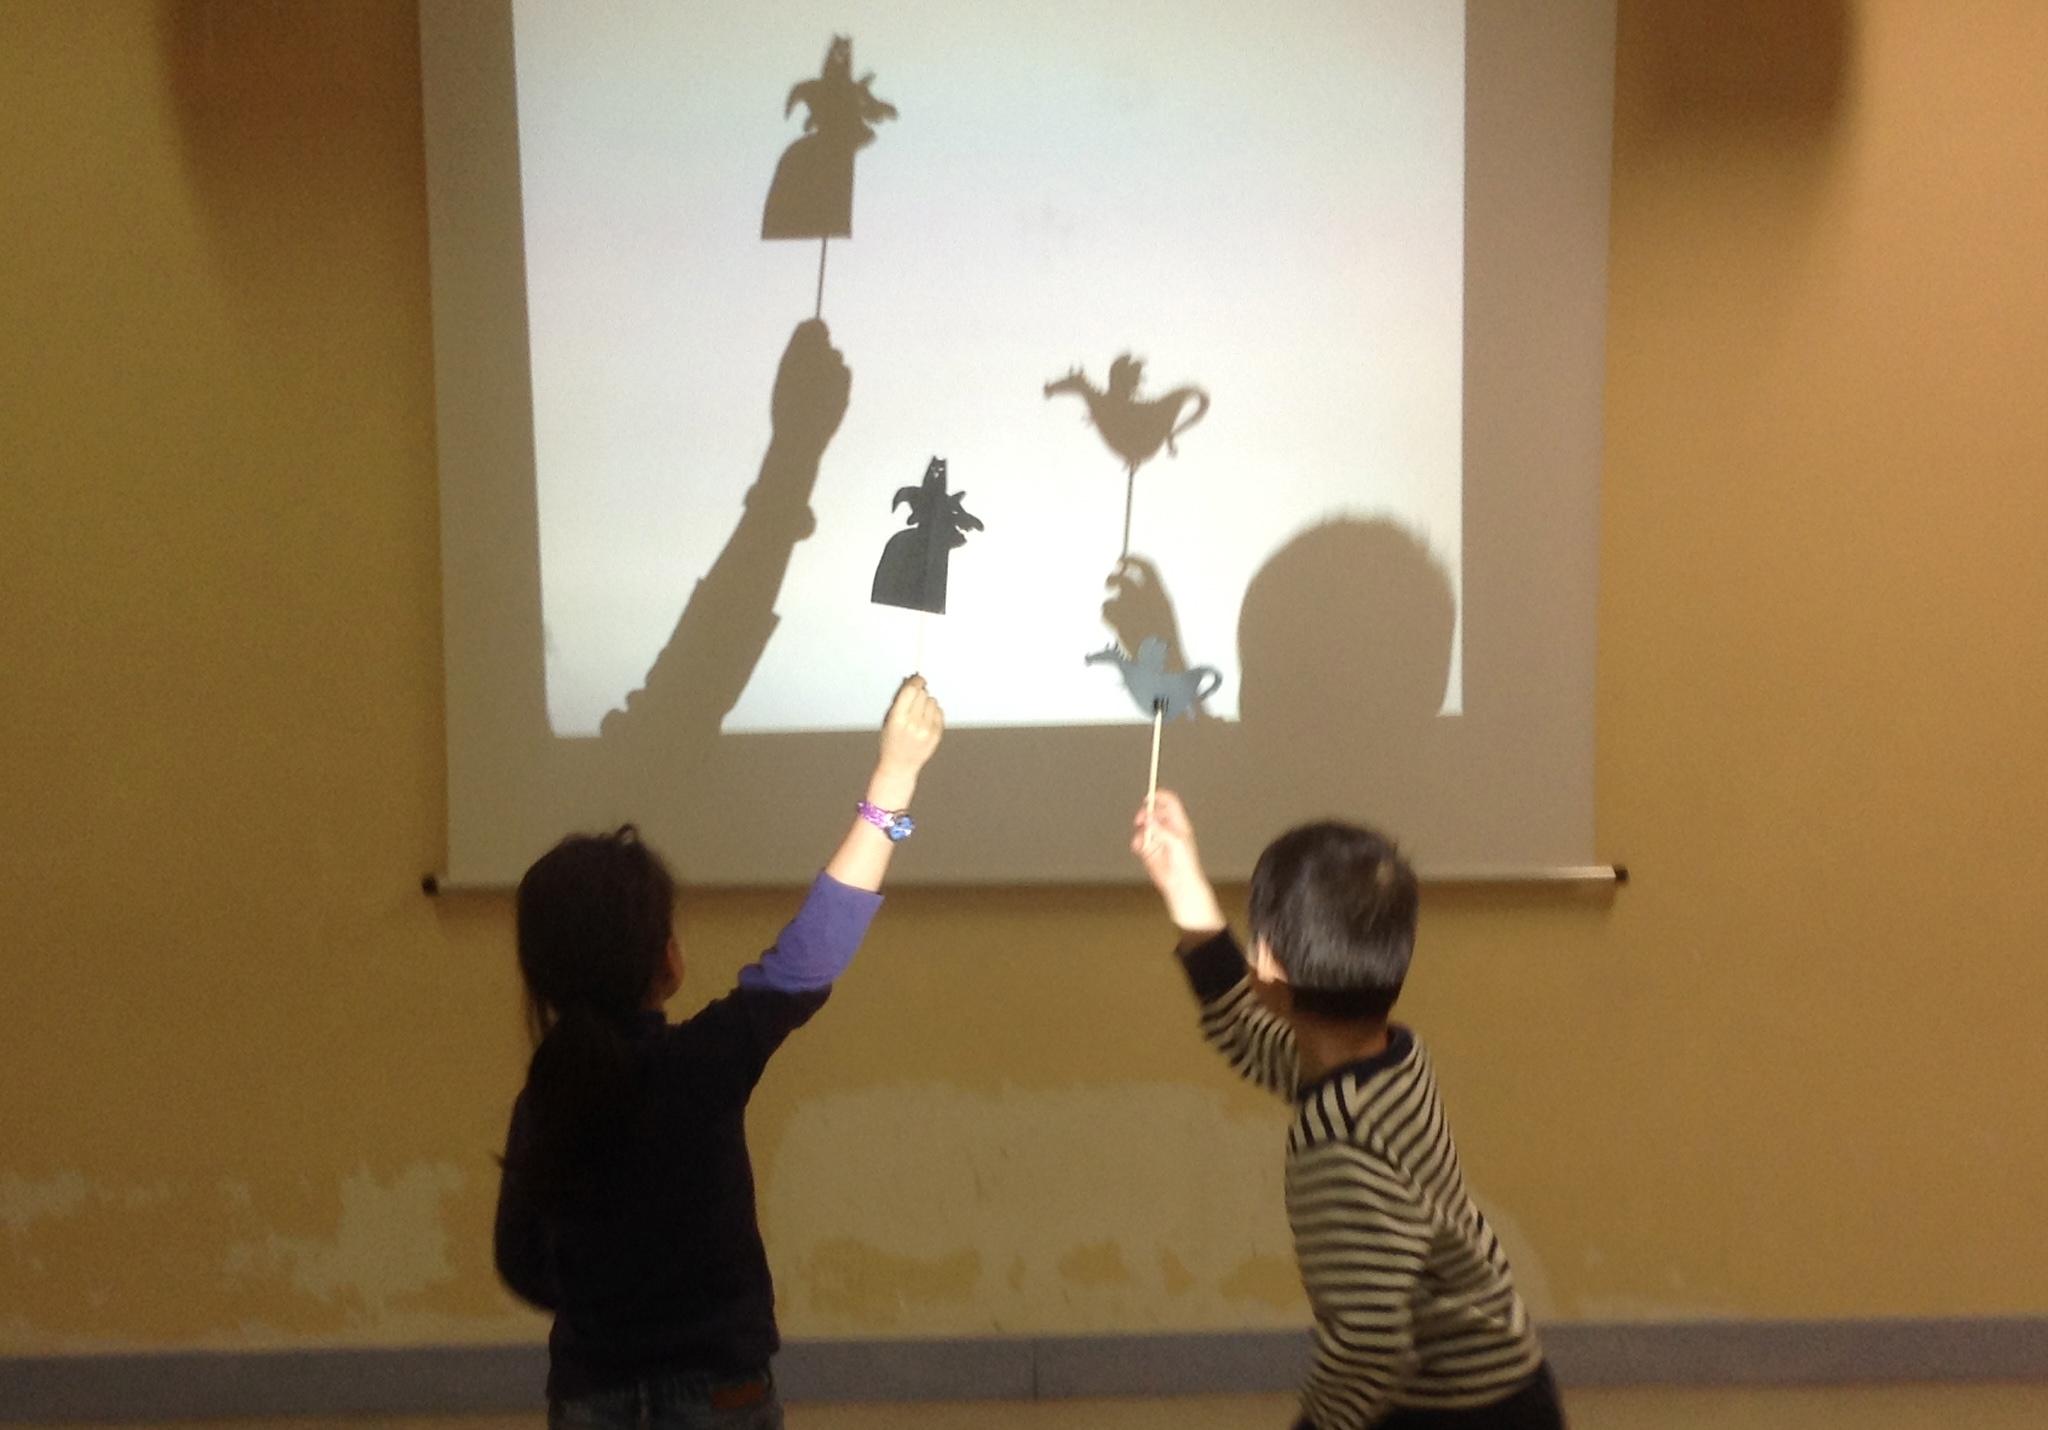 L'utilisation de marionnettes augmente encore les possibilités de création...